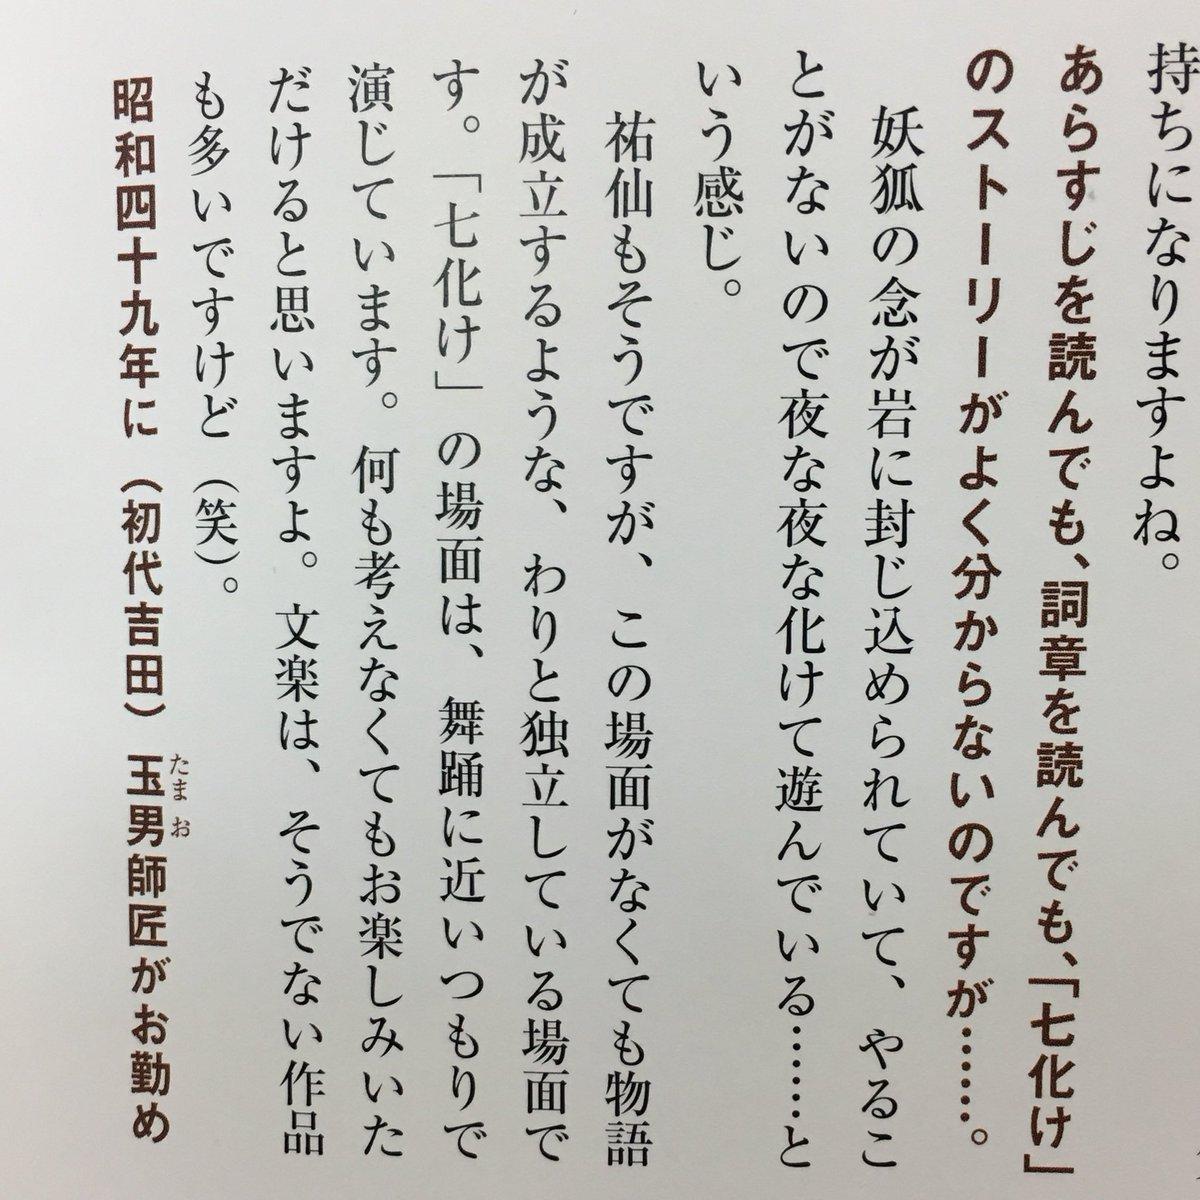 文楽のパンプレットは床本(義太夫の語りの台本)も付いていて600円。 本公演は勘十郎のインタビューが眼目。「七化け」の解